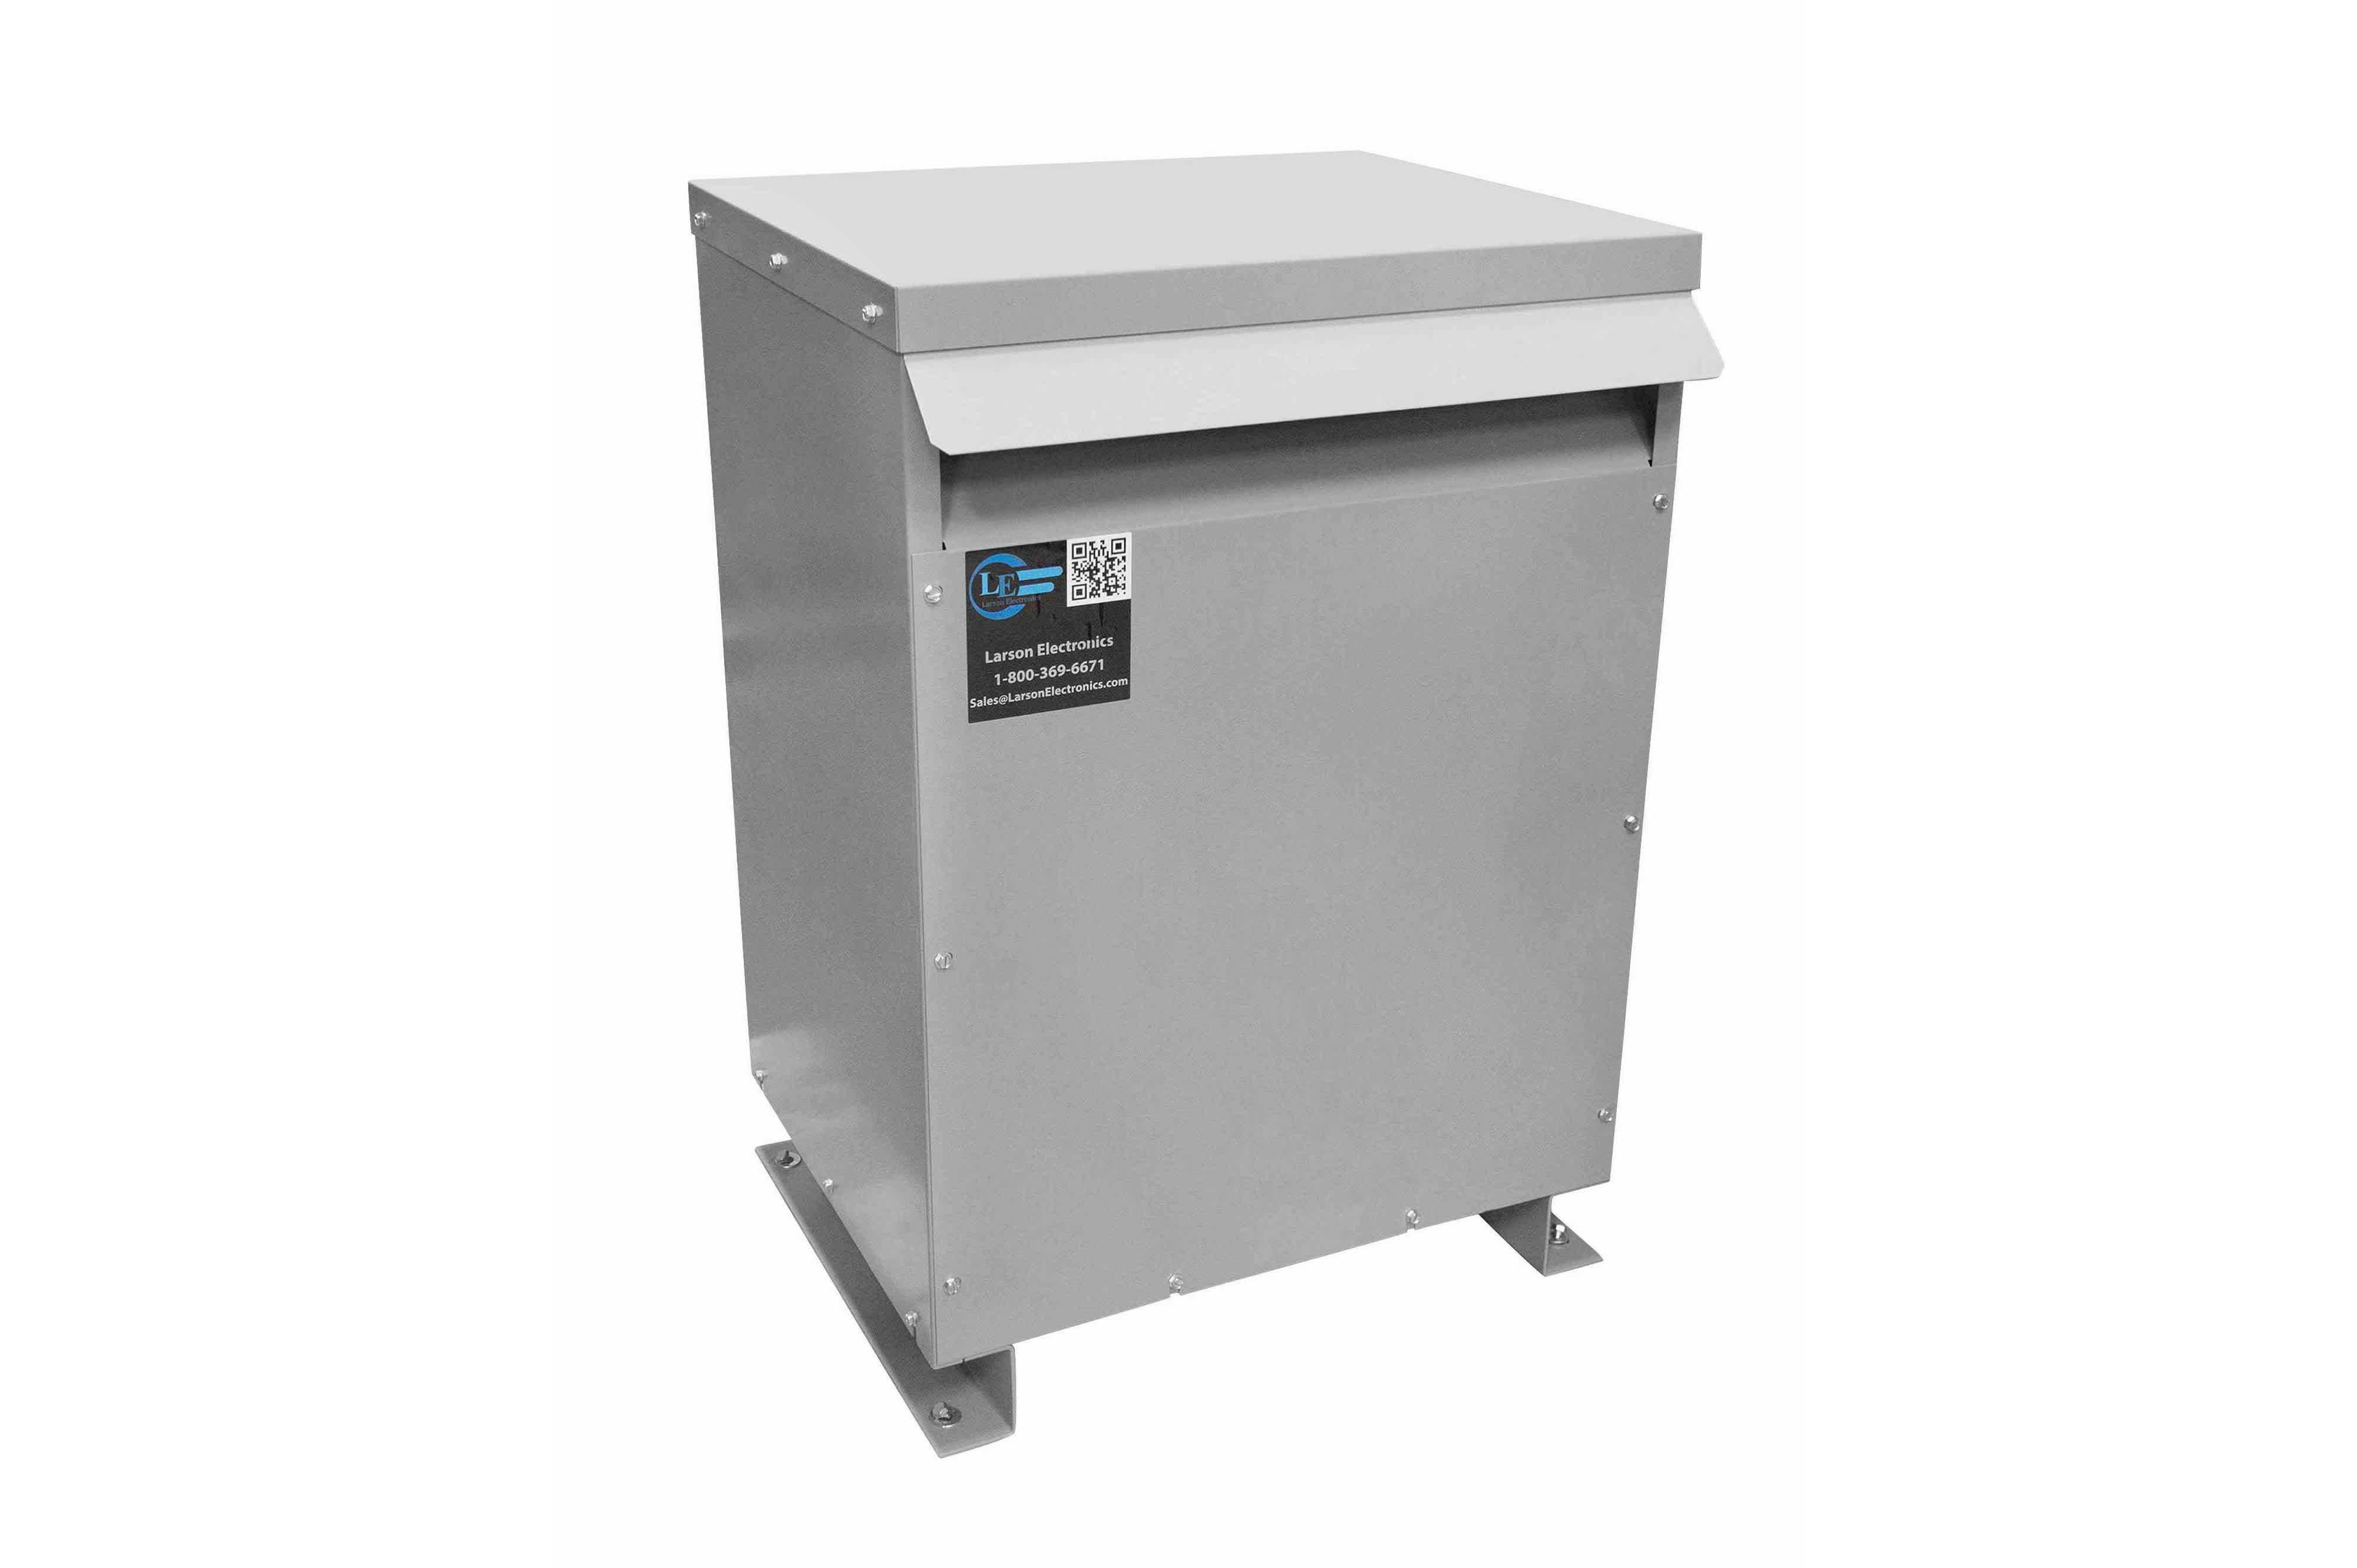 70 kVA 3PH Isolation Transformer, 415V Delta Primary, 600V Delta Secondary, N3R, Ventilated, 60 Hz